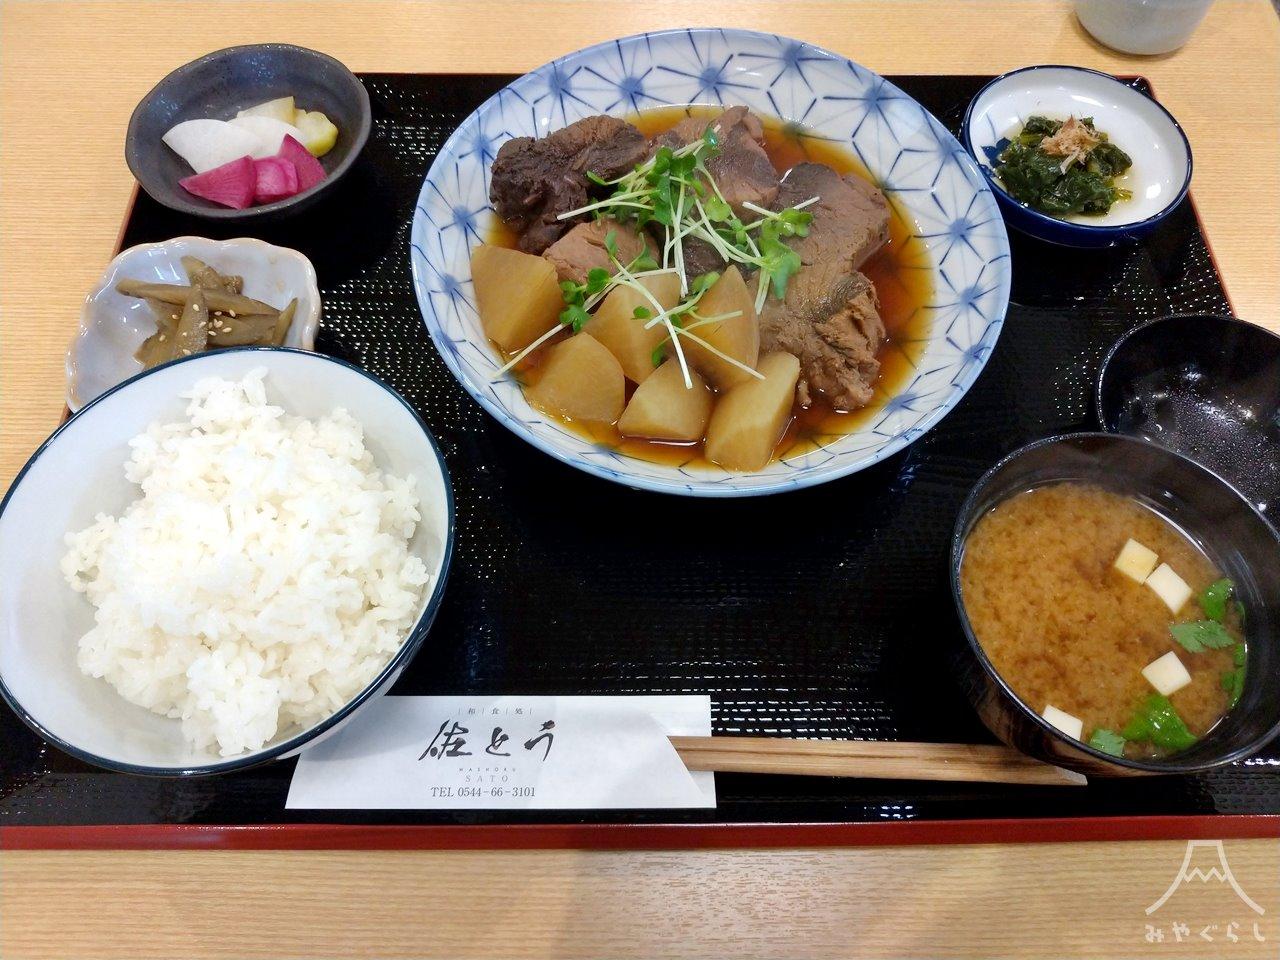 和食処佐とうの日替わり定食